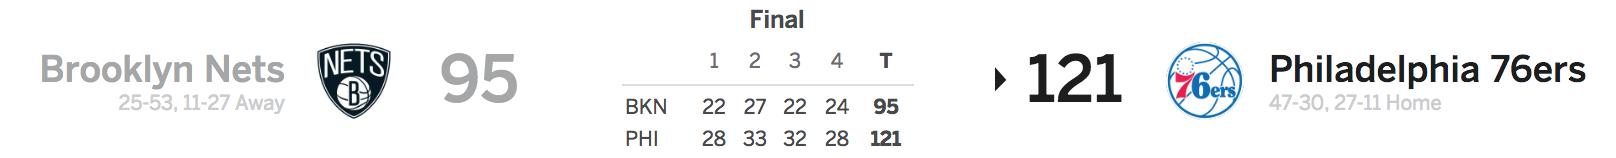 Brooklyn Nets vs Philadelphia 76ers 4-3-18 Score